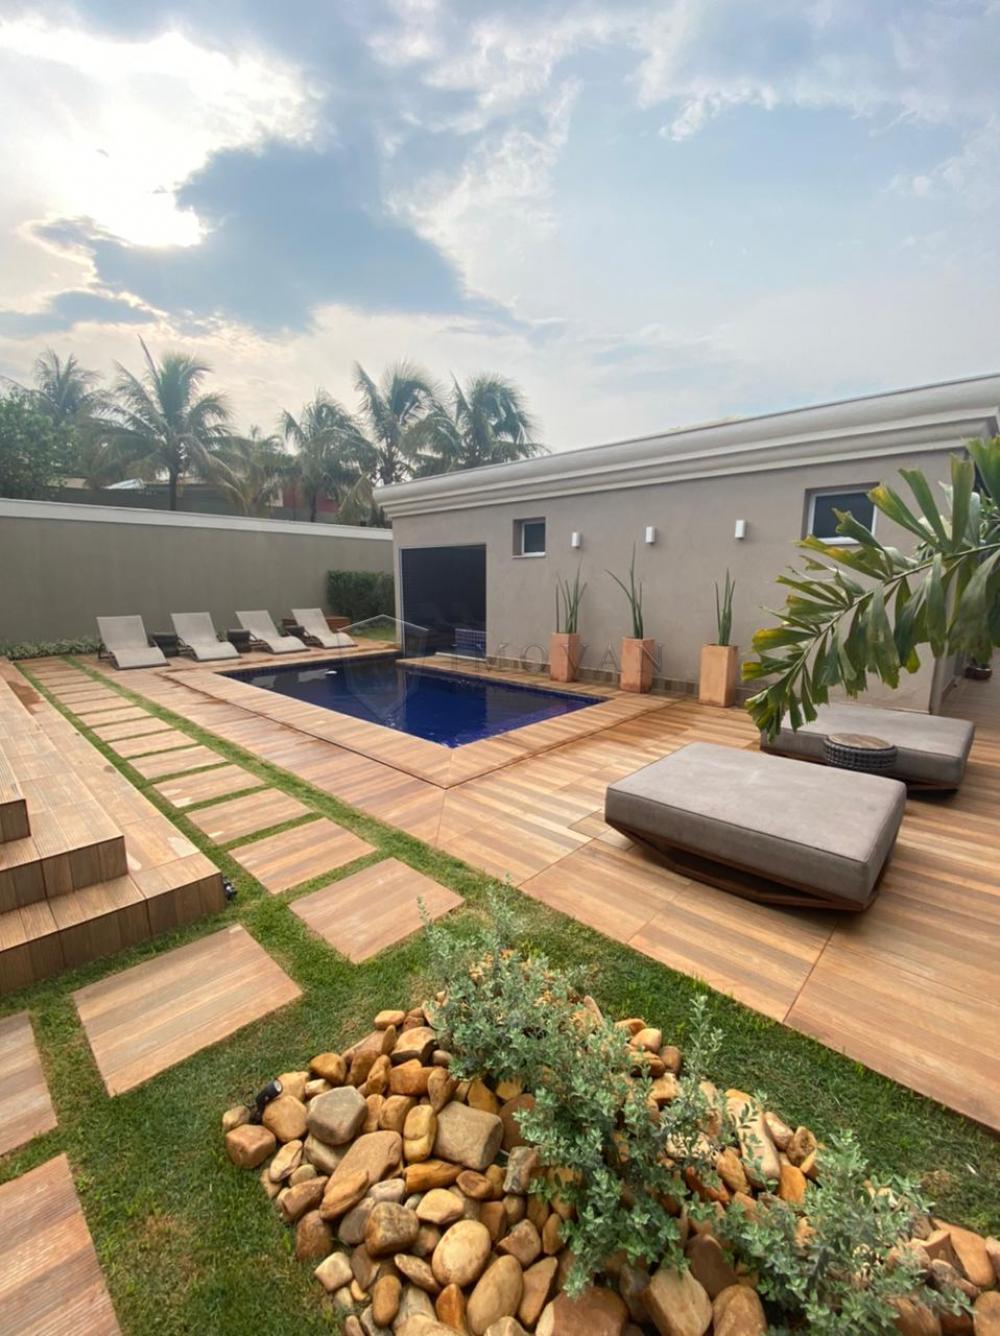 Comprar Casa / Condomínio em Bonfim Paulista R$ 2.800.000,00 - Foto 10